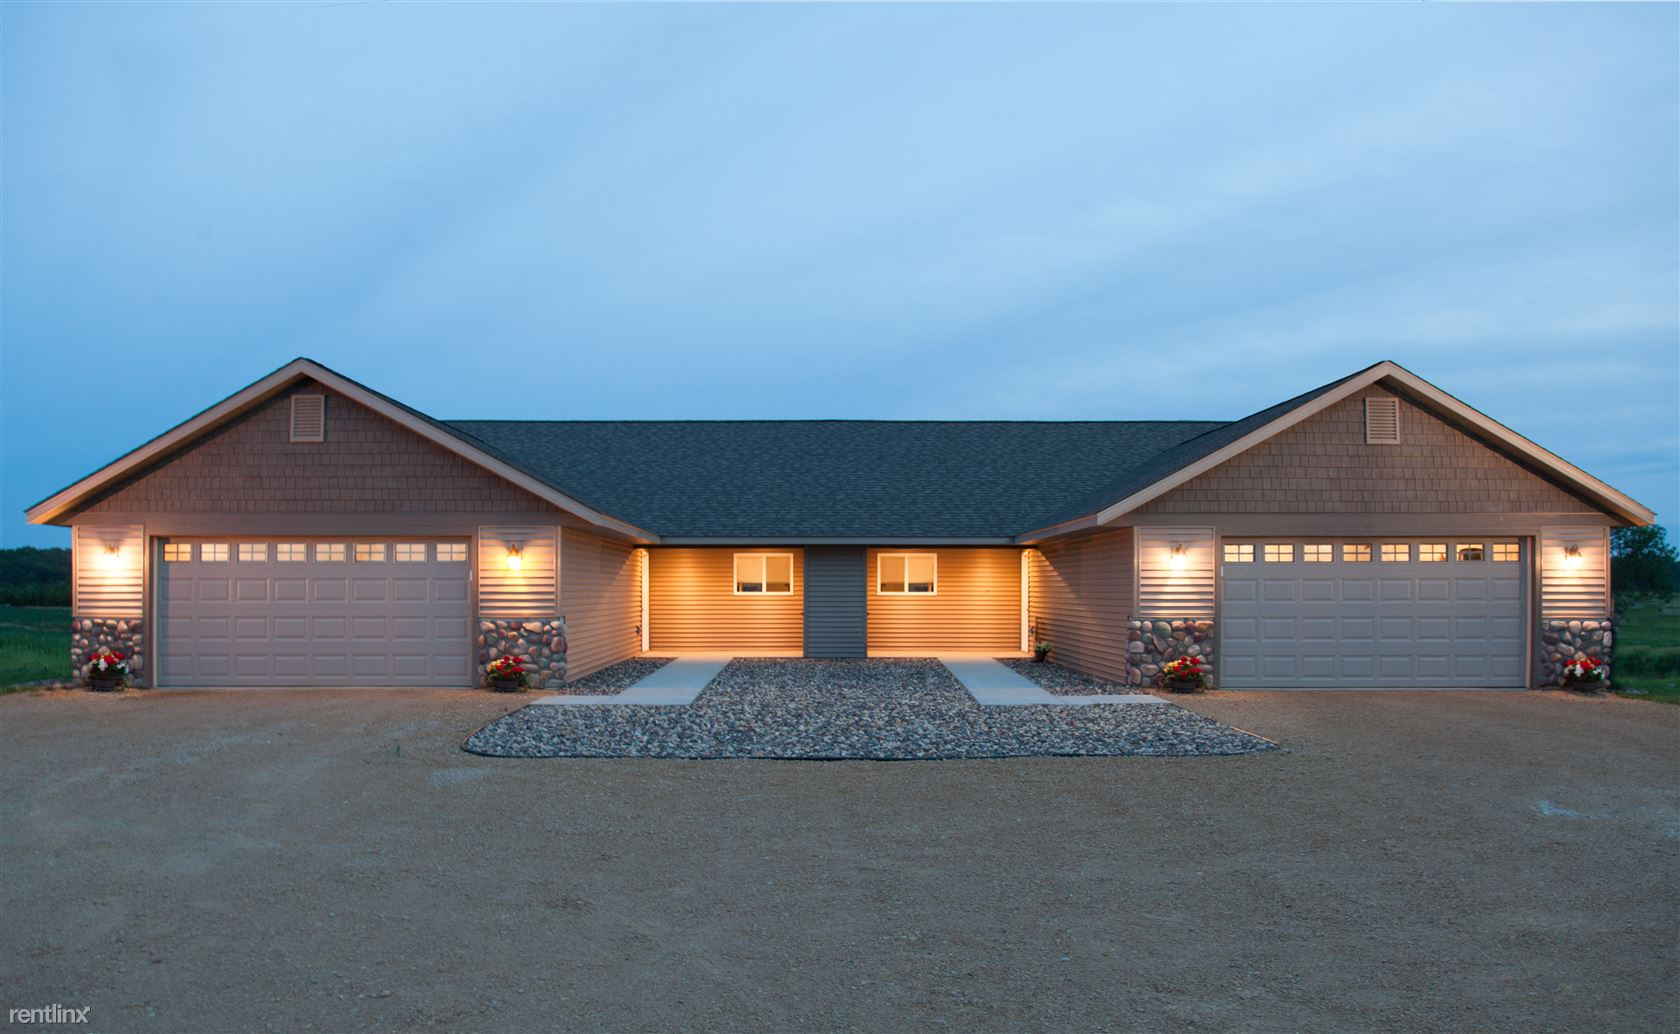 674 Hillary Farm Rd, Hudson, WI - $1,675